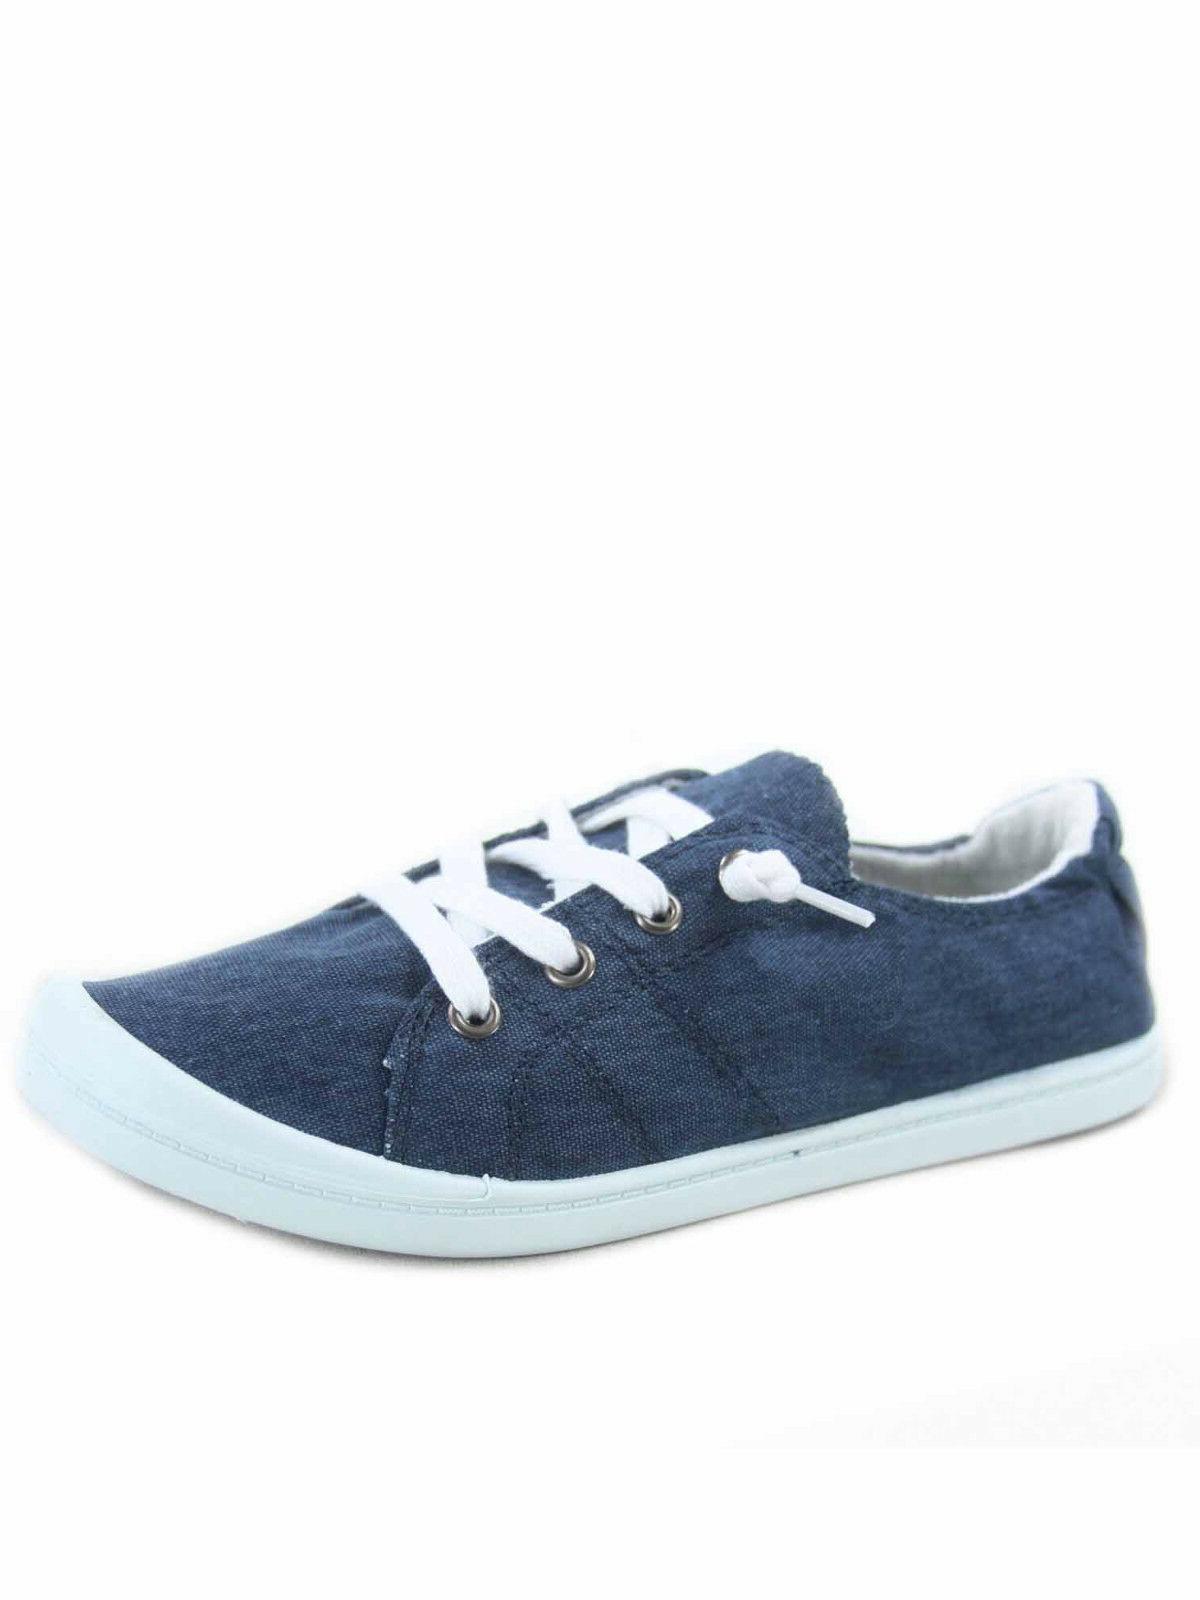 Women's Flat Round Toe Sneaker Shoes 5.5 11